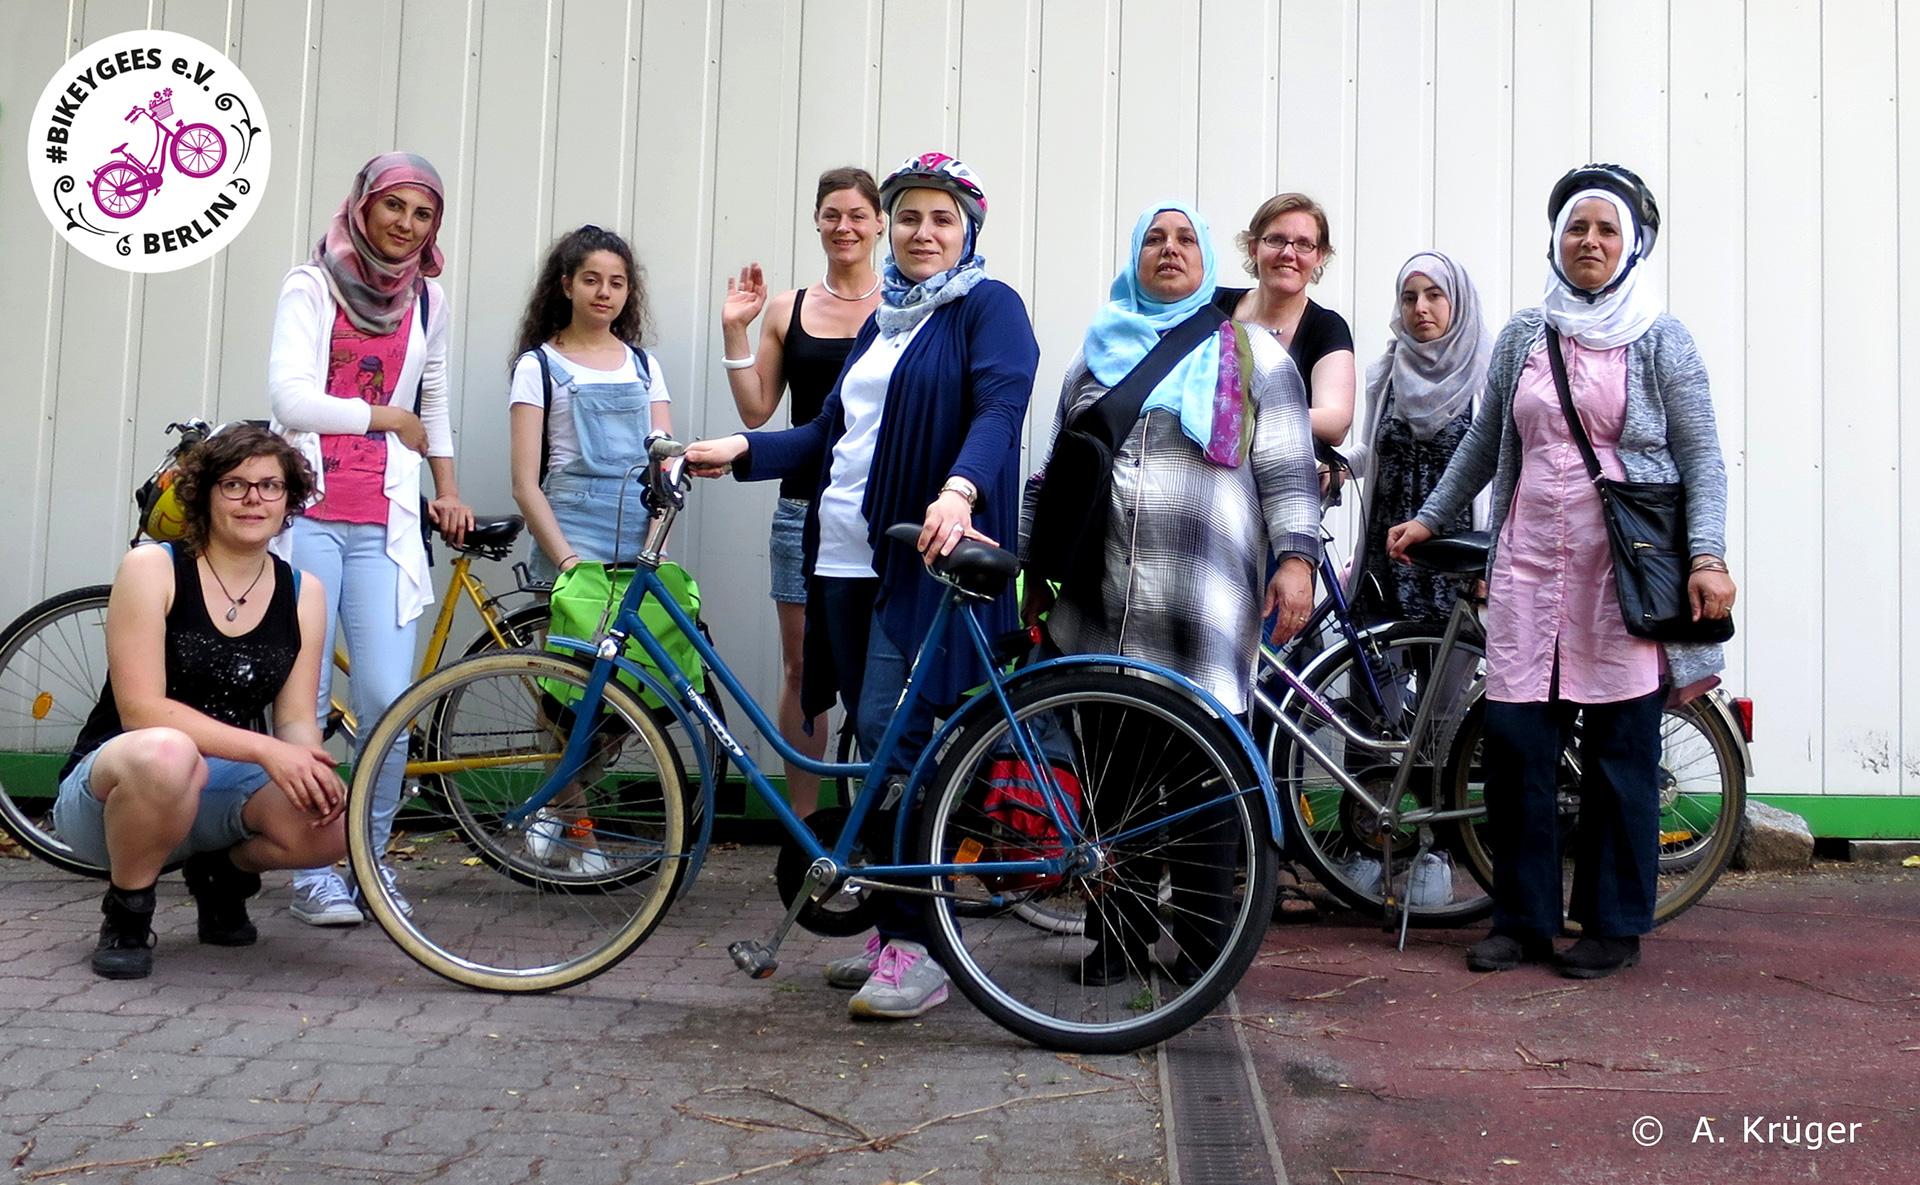 Übergabe eigener Radsets nach Radfahrtraining-Zyklus mit #BIKEYGEES